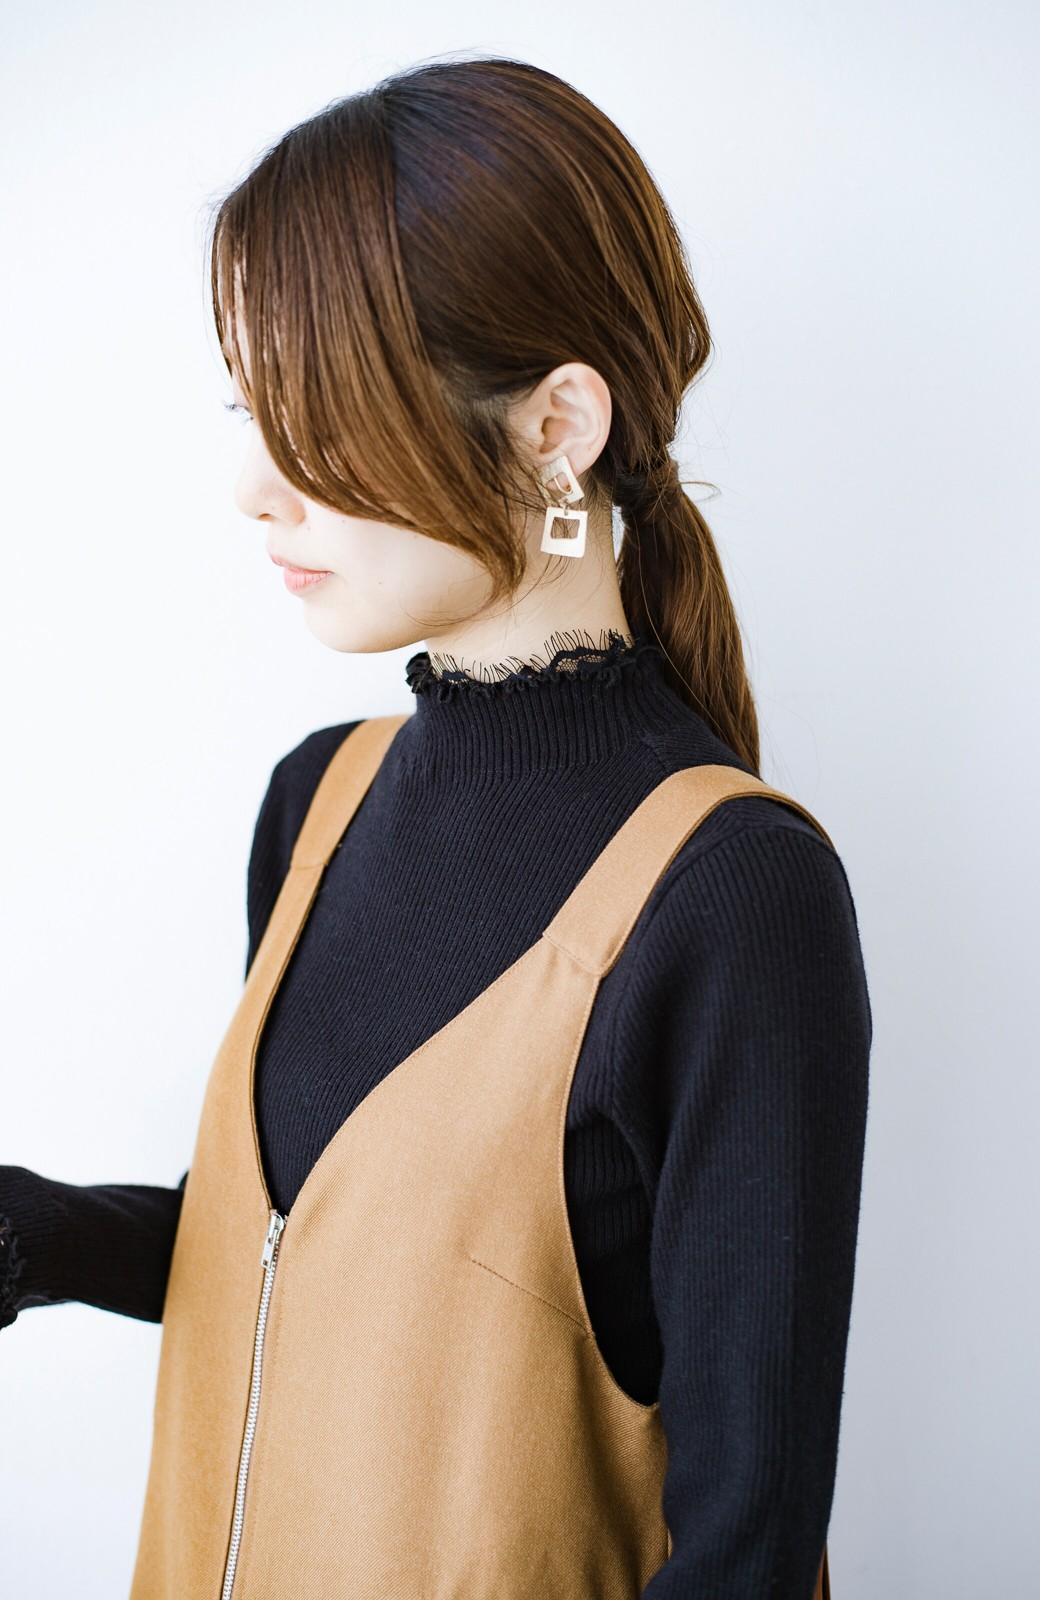 haco! 1枚でも重ね着でも便利!合わせやすくてかわいげを足せる 衿レース付きニットby style zampa <ブラック>の商品写真9